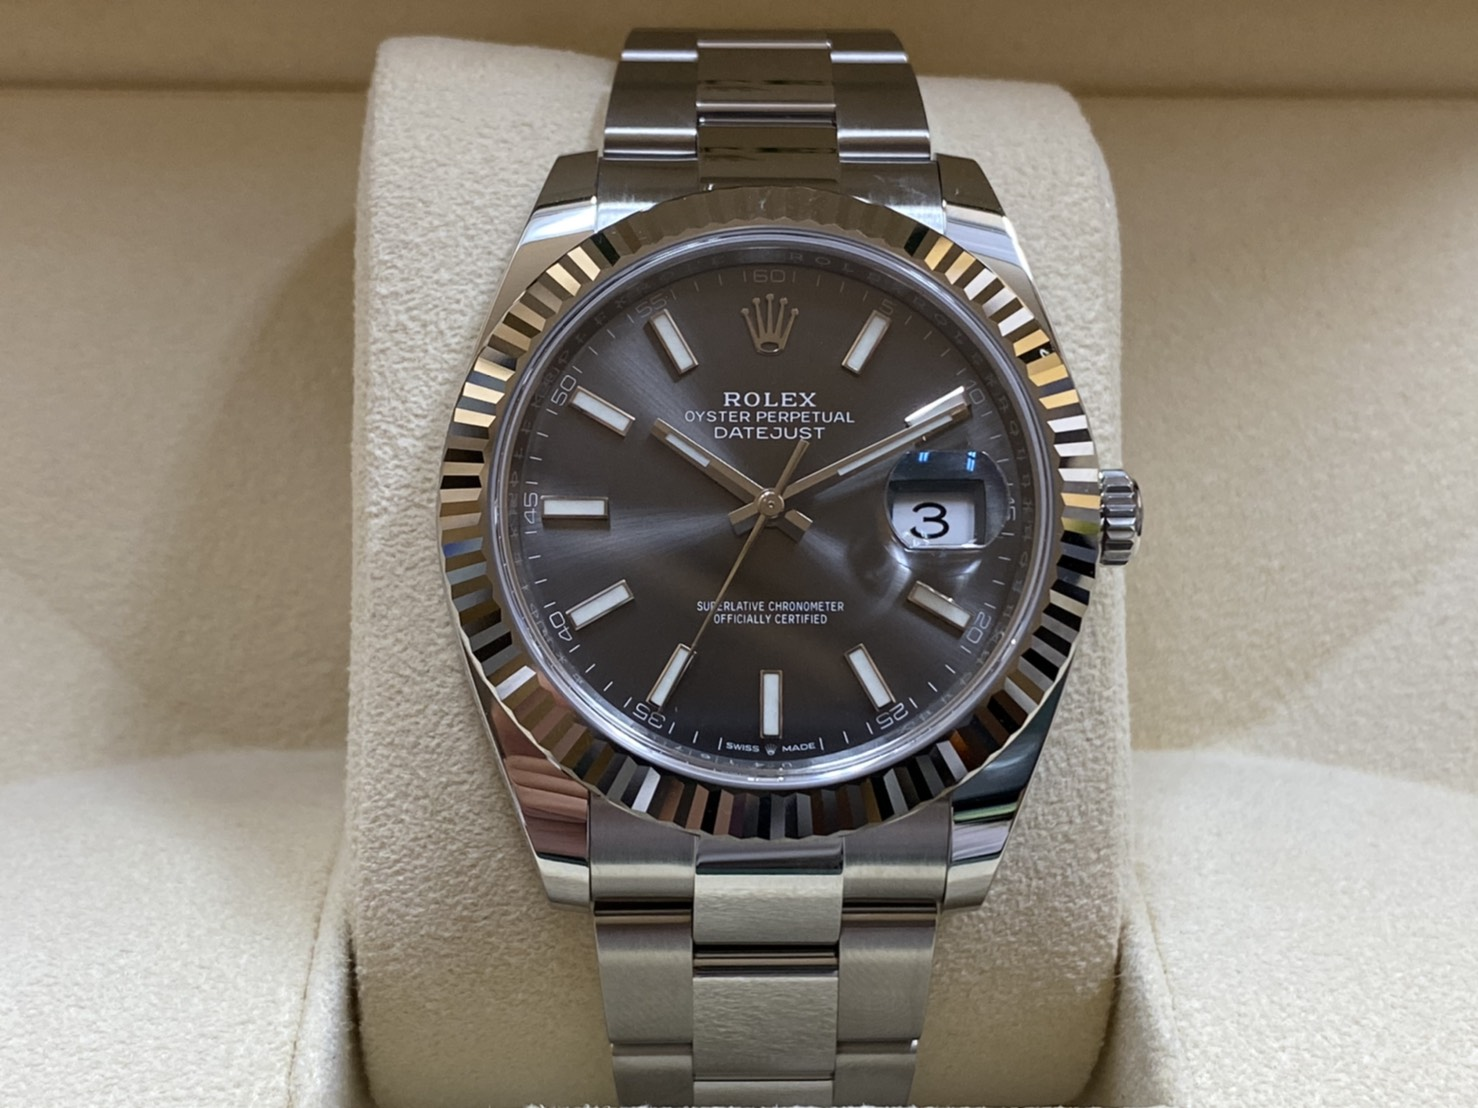 ブランド「ロレックス」商品名「デイトジャスト」型番「126334」カラー「グレー」